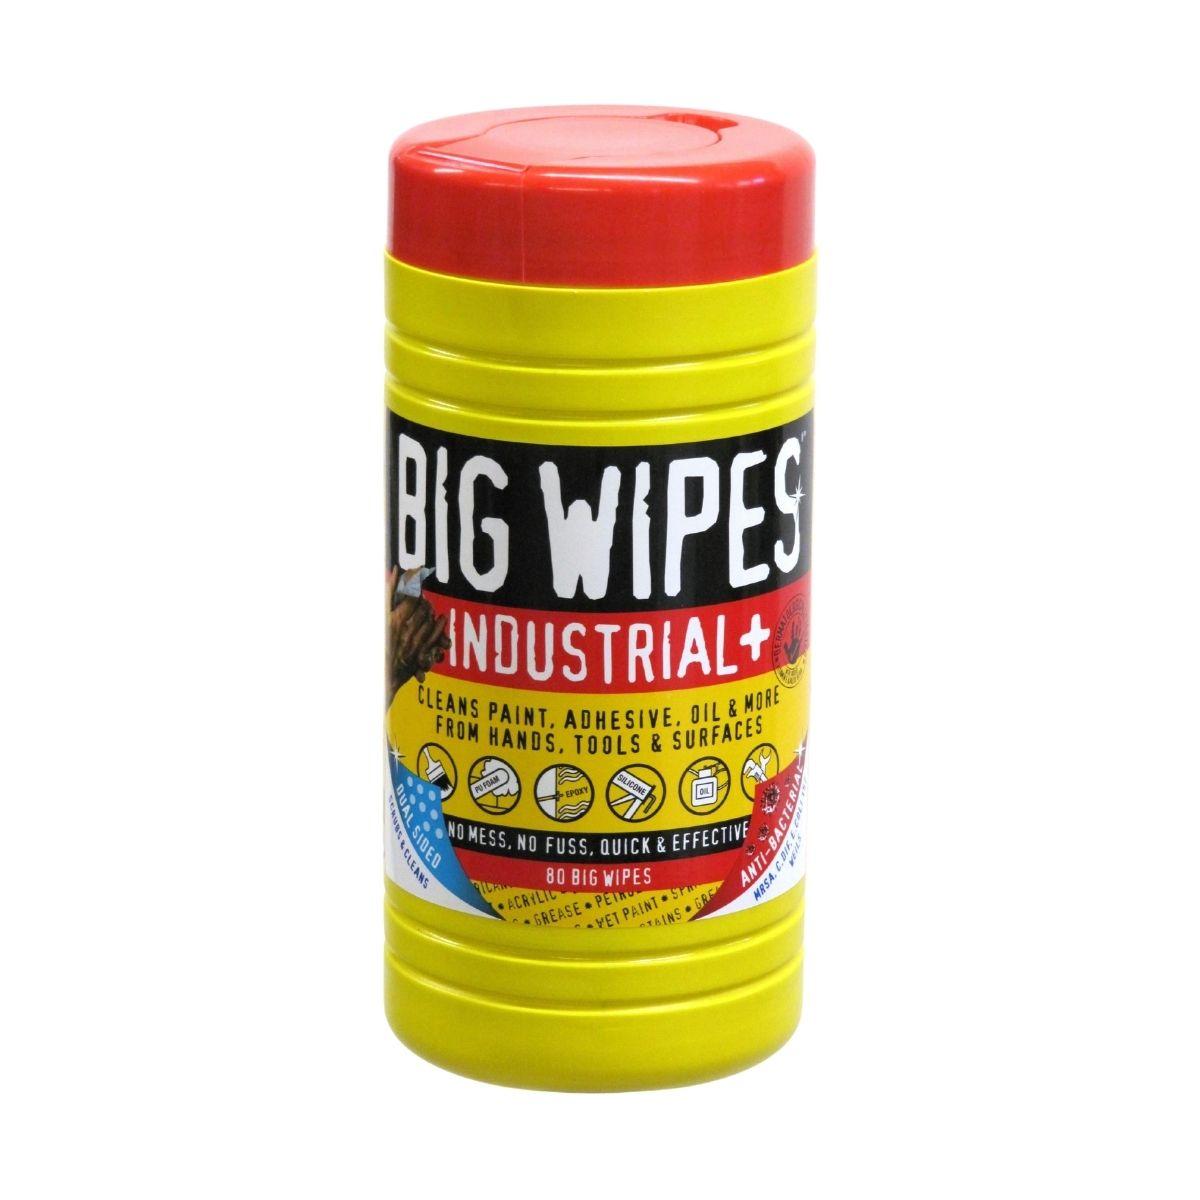 JP2020 Industrial+ Big Wipes Pack of 80